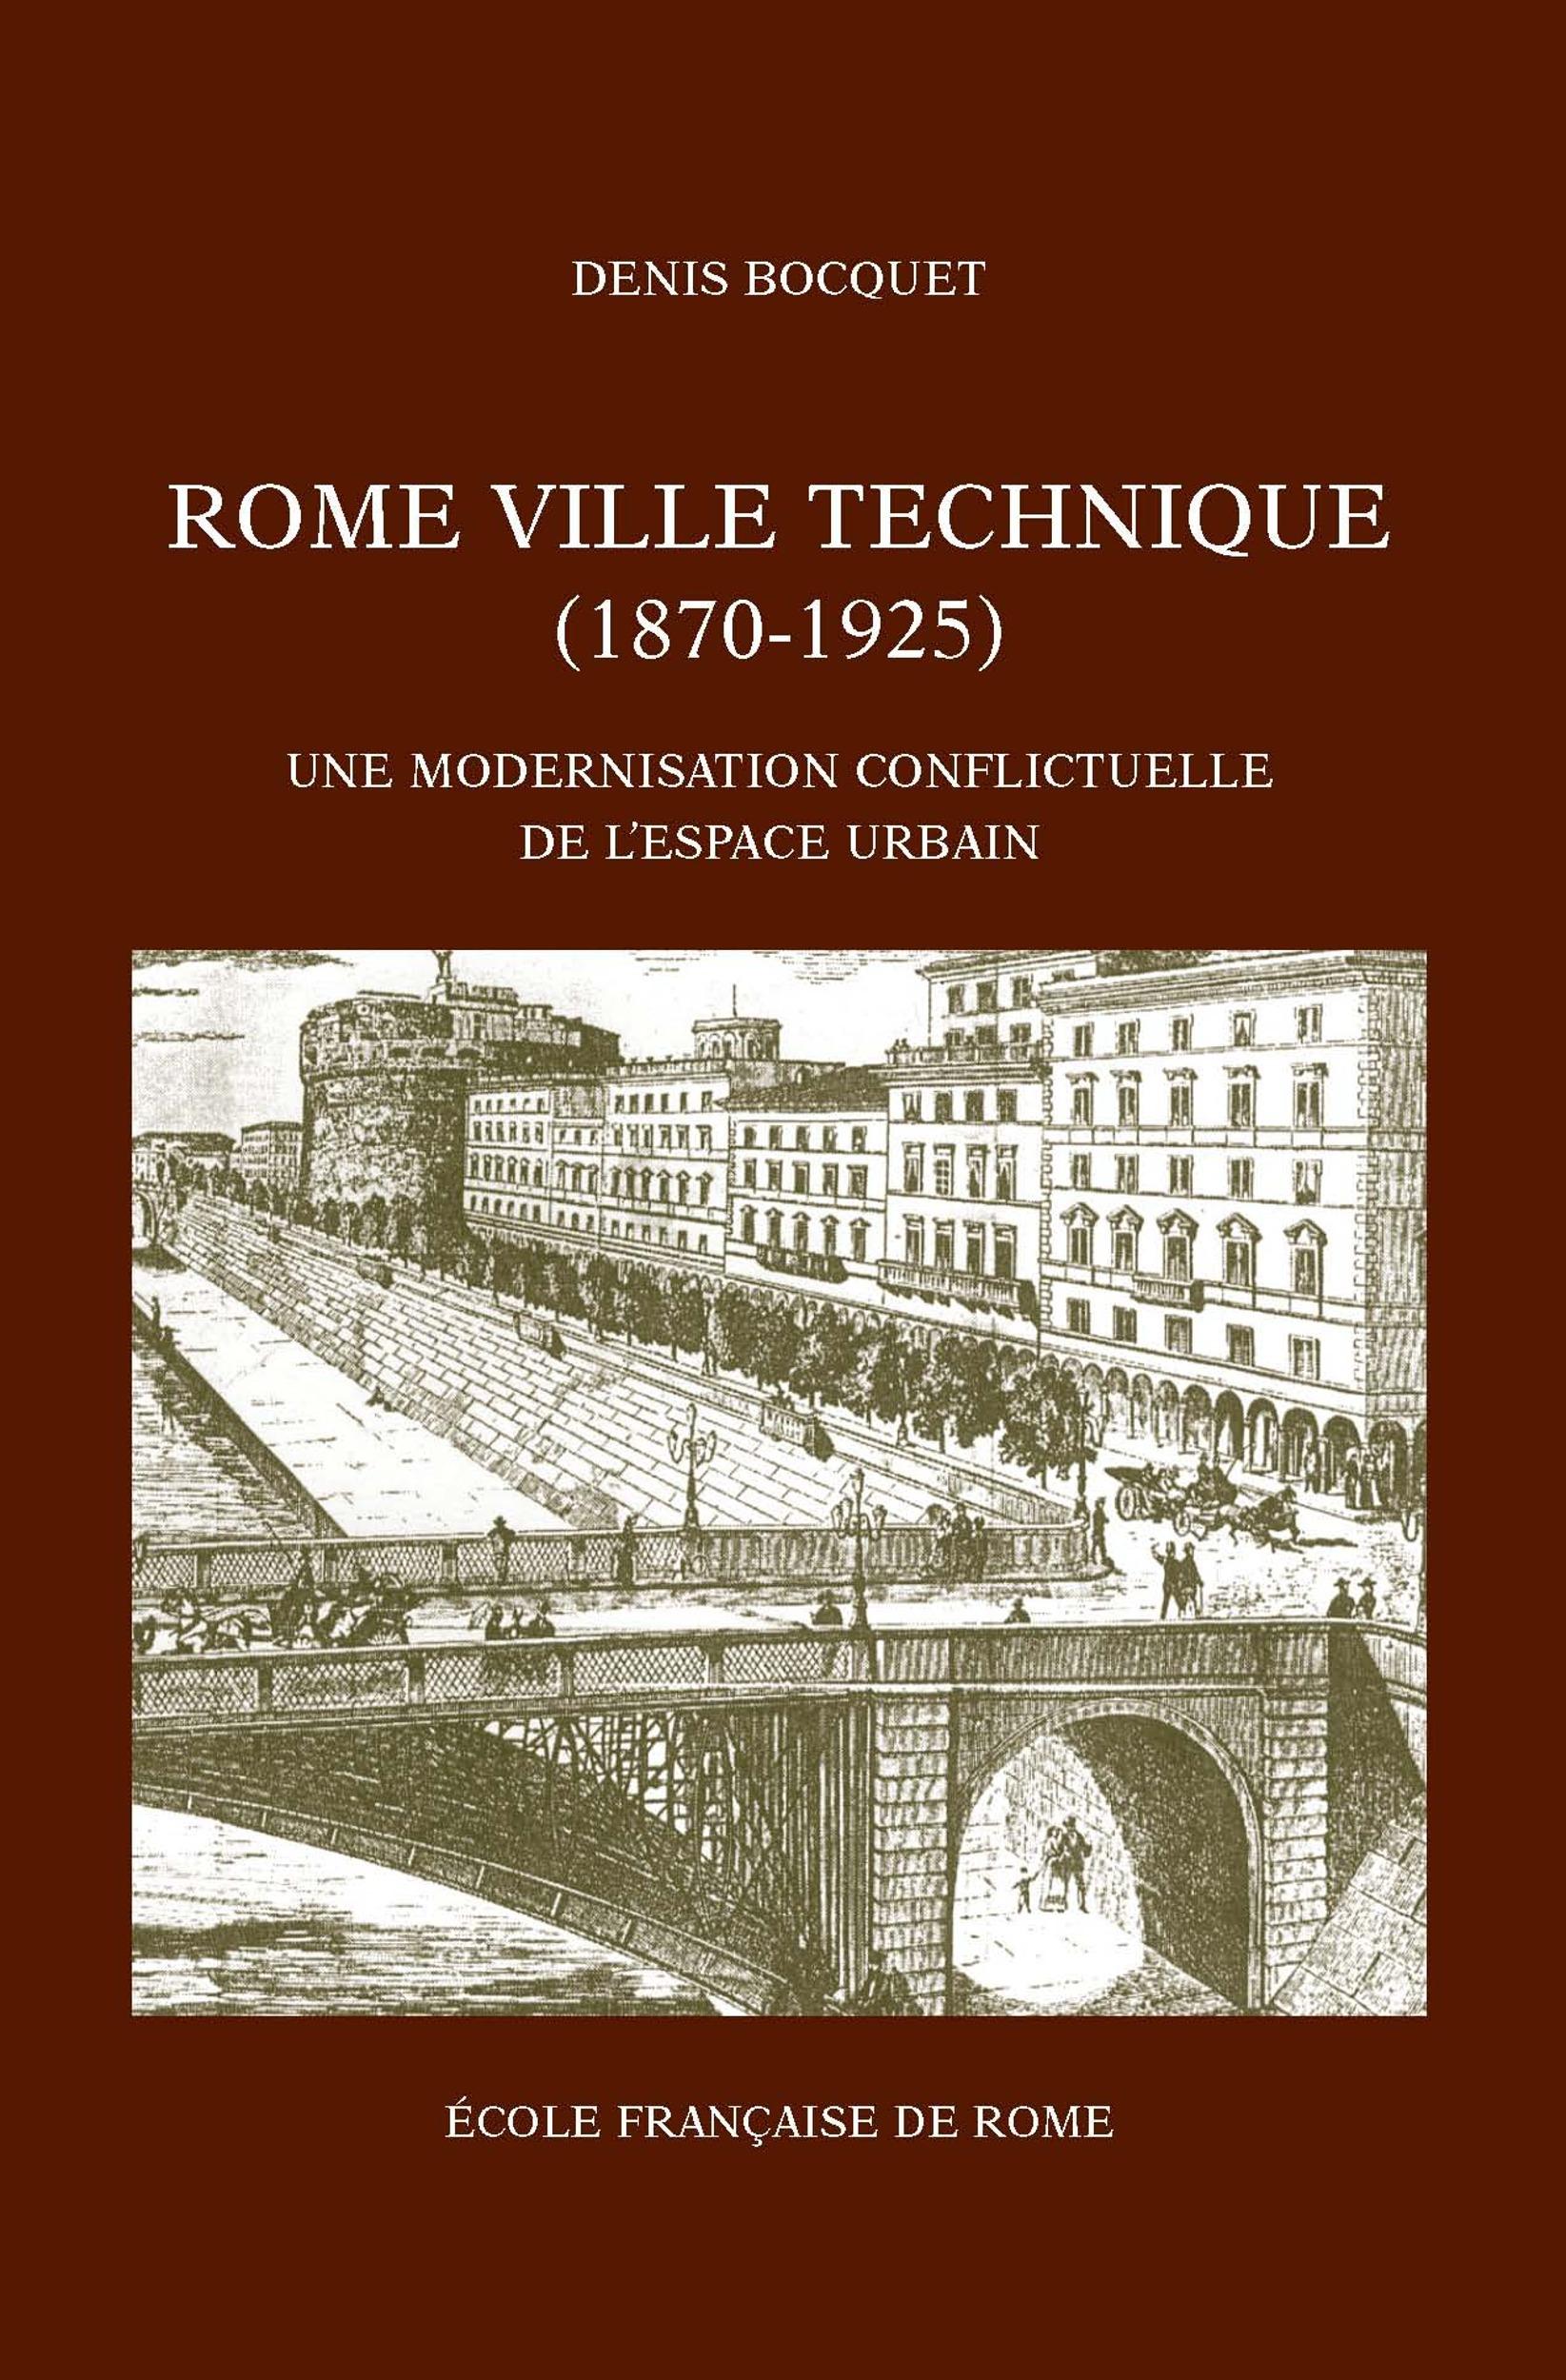 Rome, ville technique ; une modernisation conflictuelle de l'espace urbain